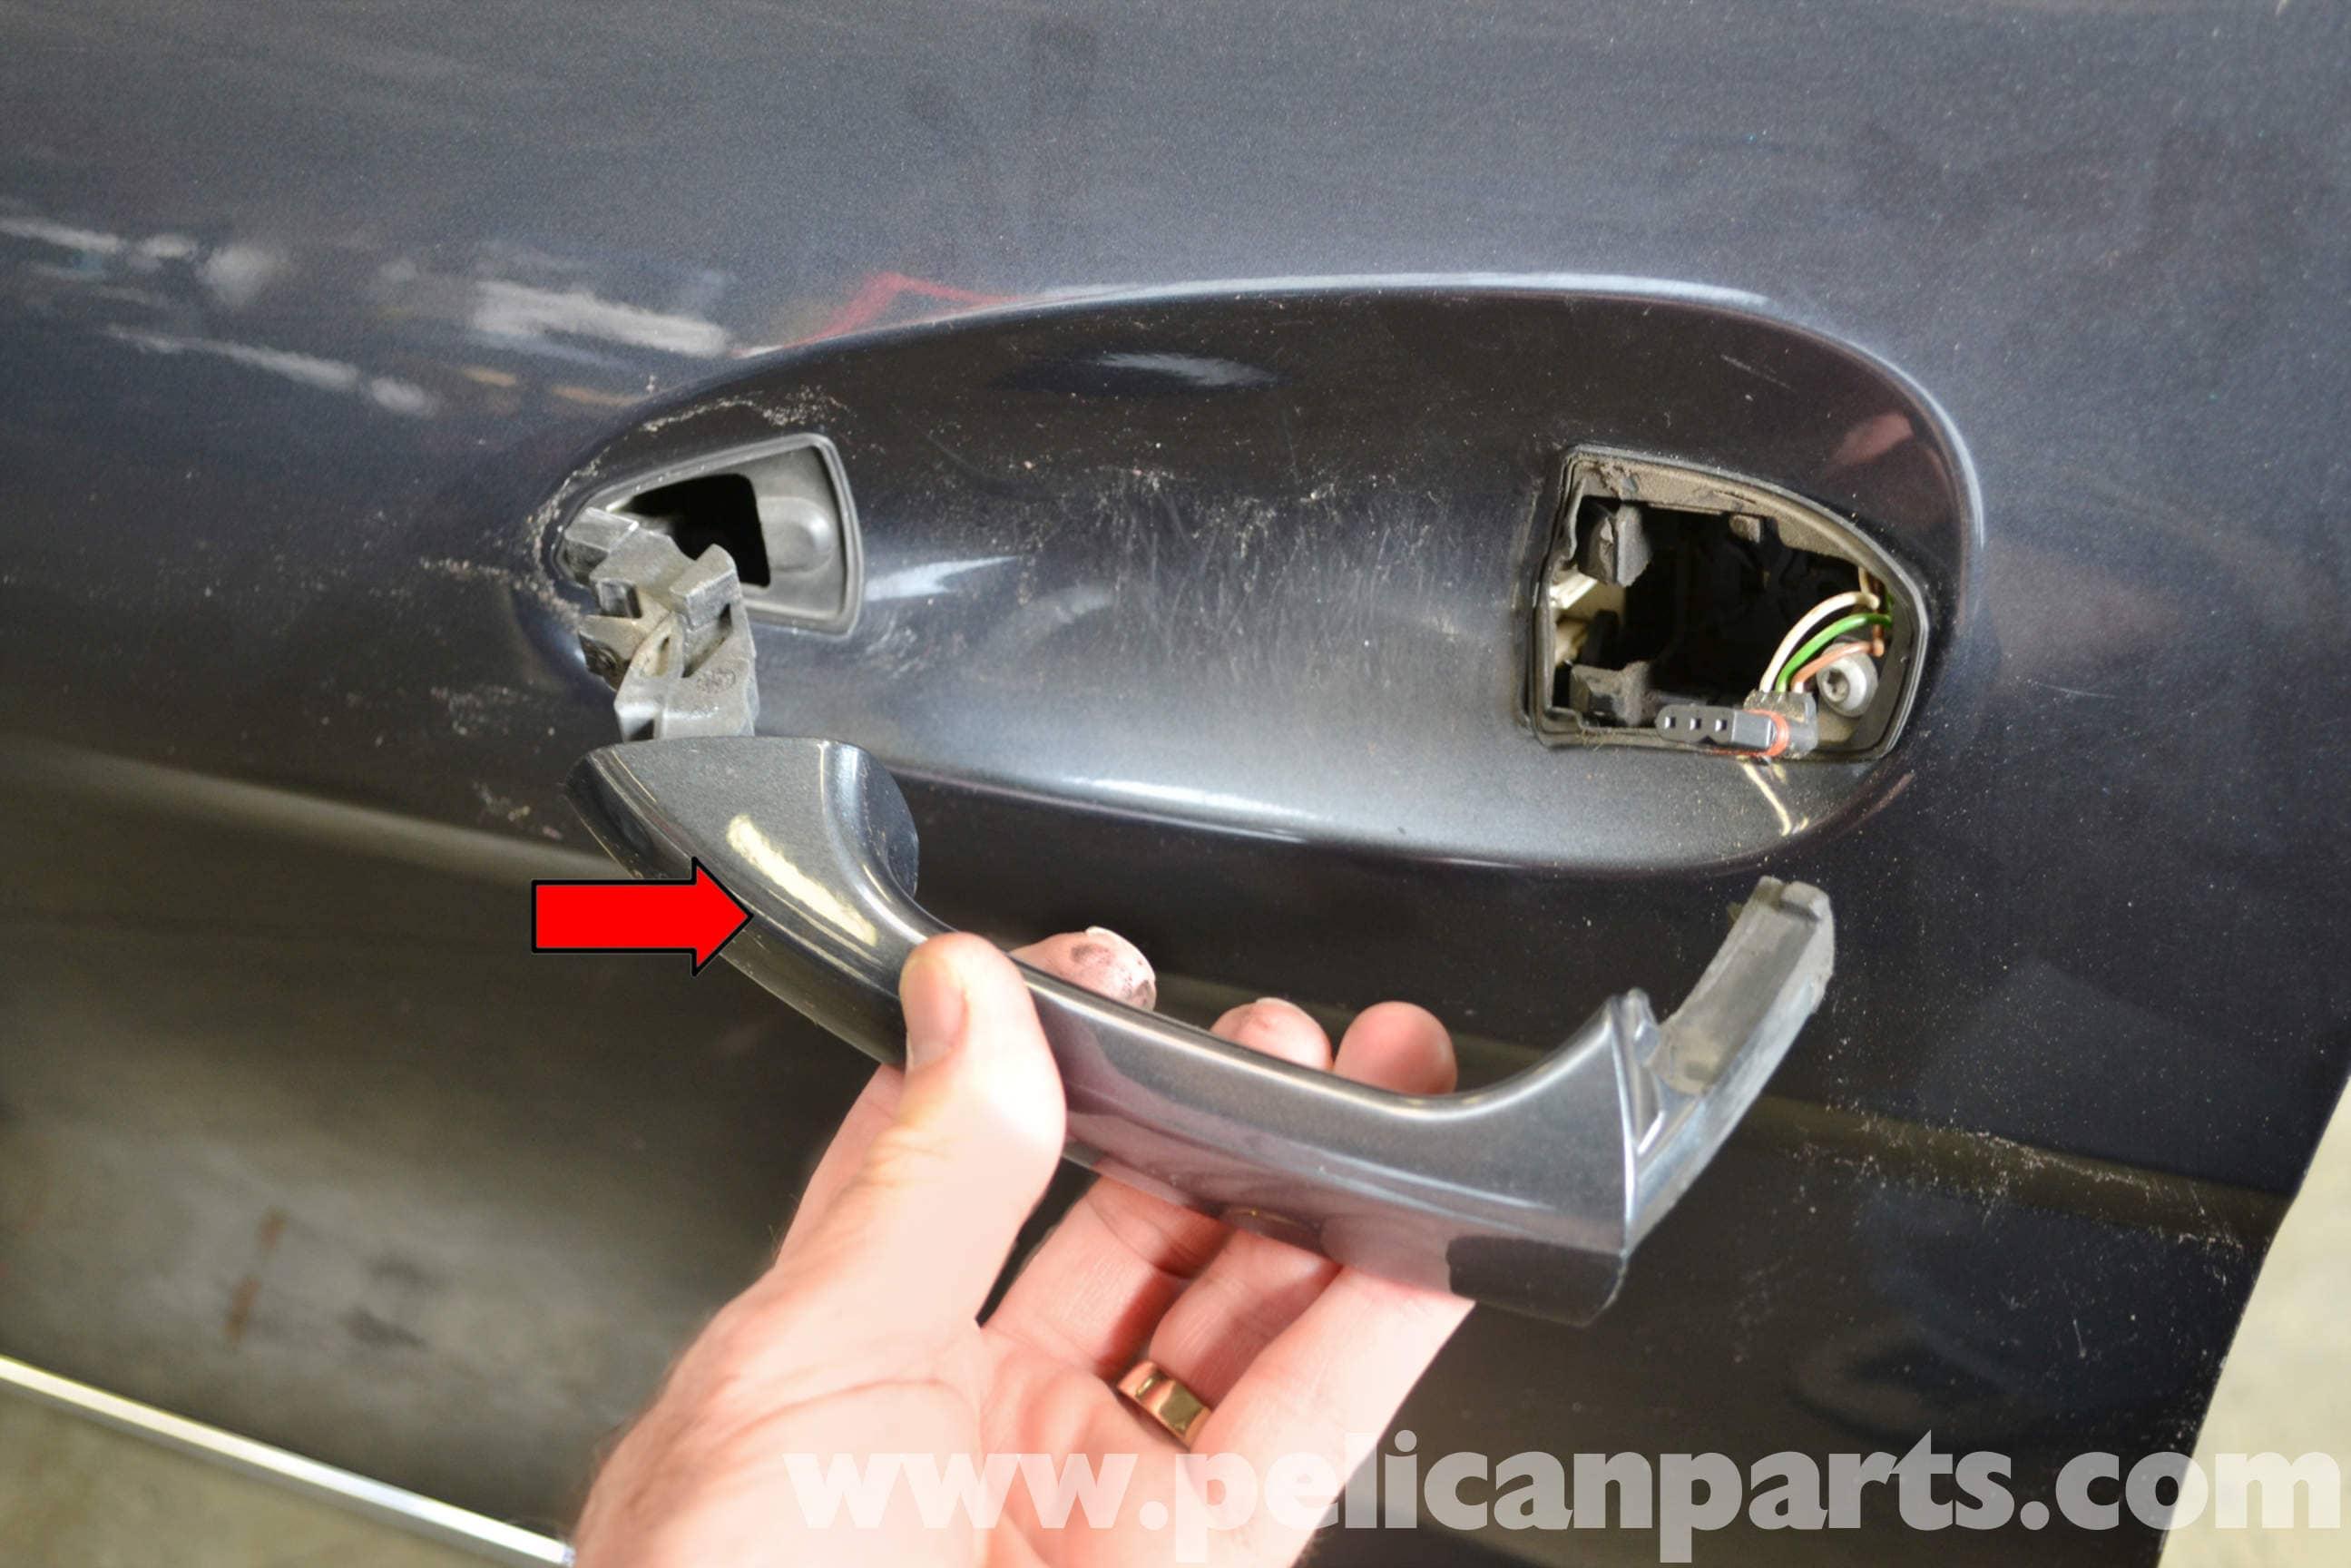 Mercedes Benz W204 Exterior Door Handle Removal 2008